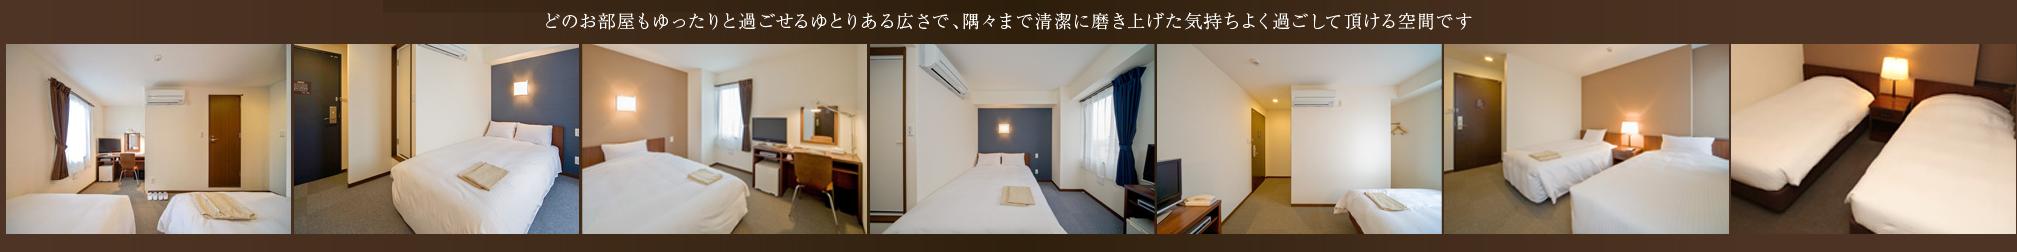 どのお部屋もゆったりと過ごせるゆとりある広さで、隅々まで清潔に磨き上げた気持ちよく過ごして頂ける空間です